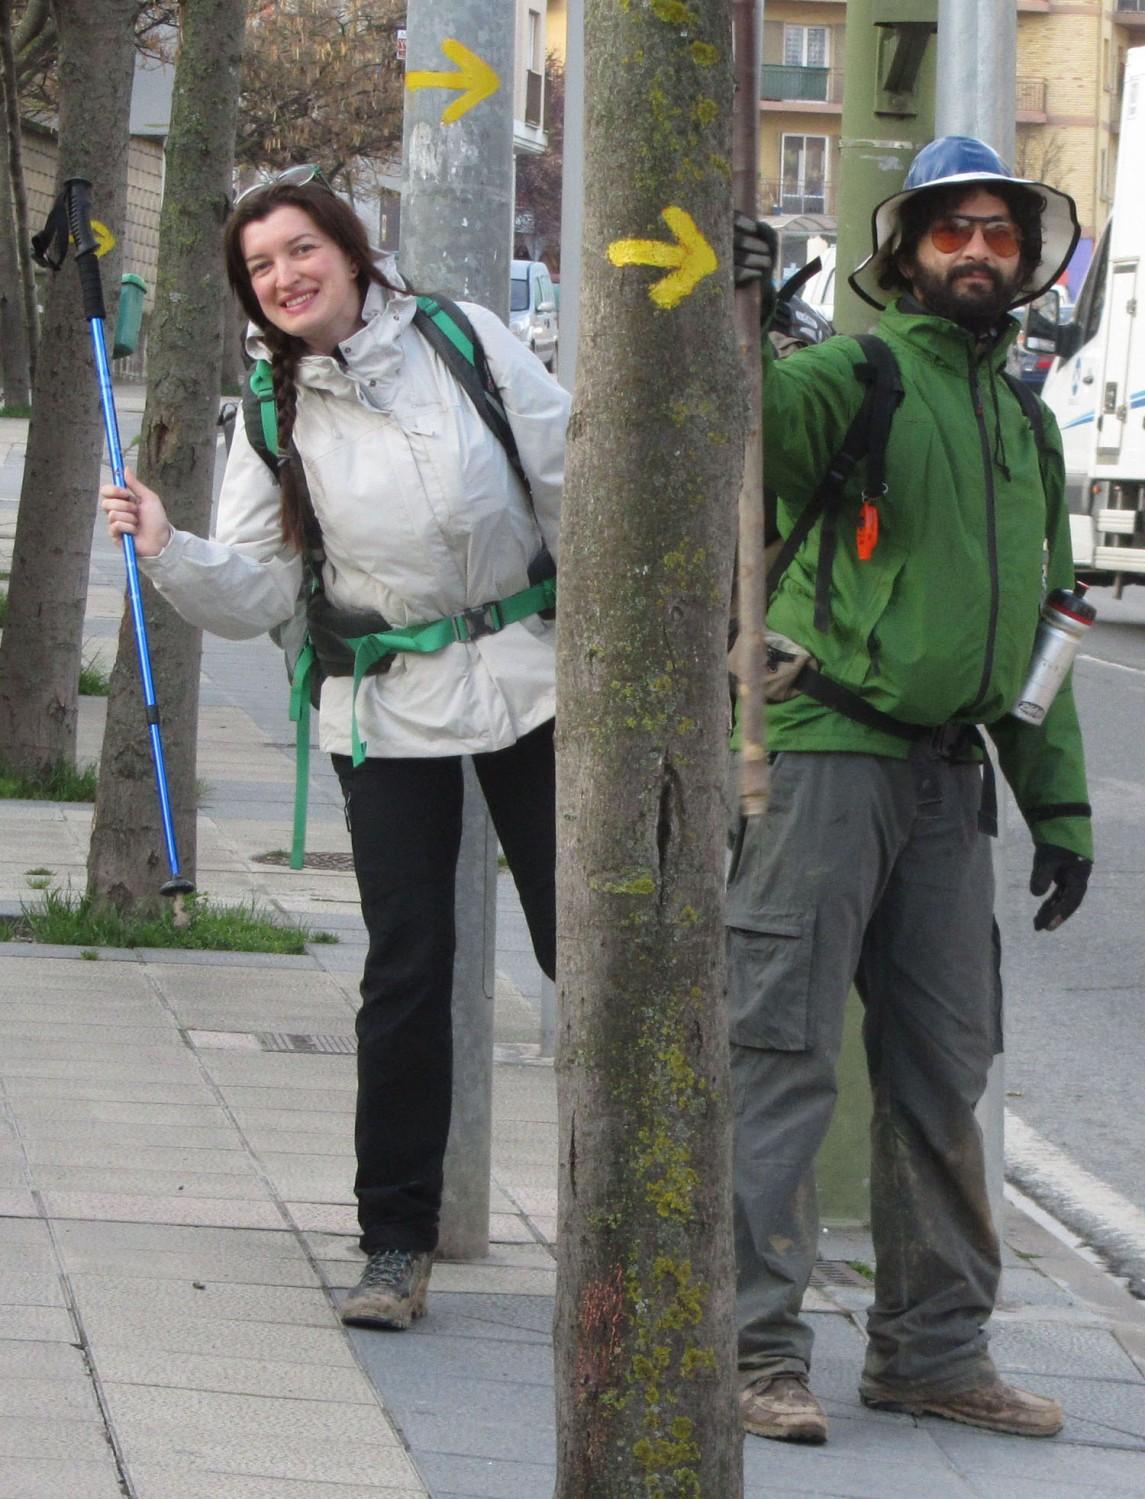 Camino-De-Santiago-People-Joanne-Giuseppe